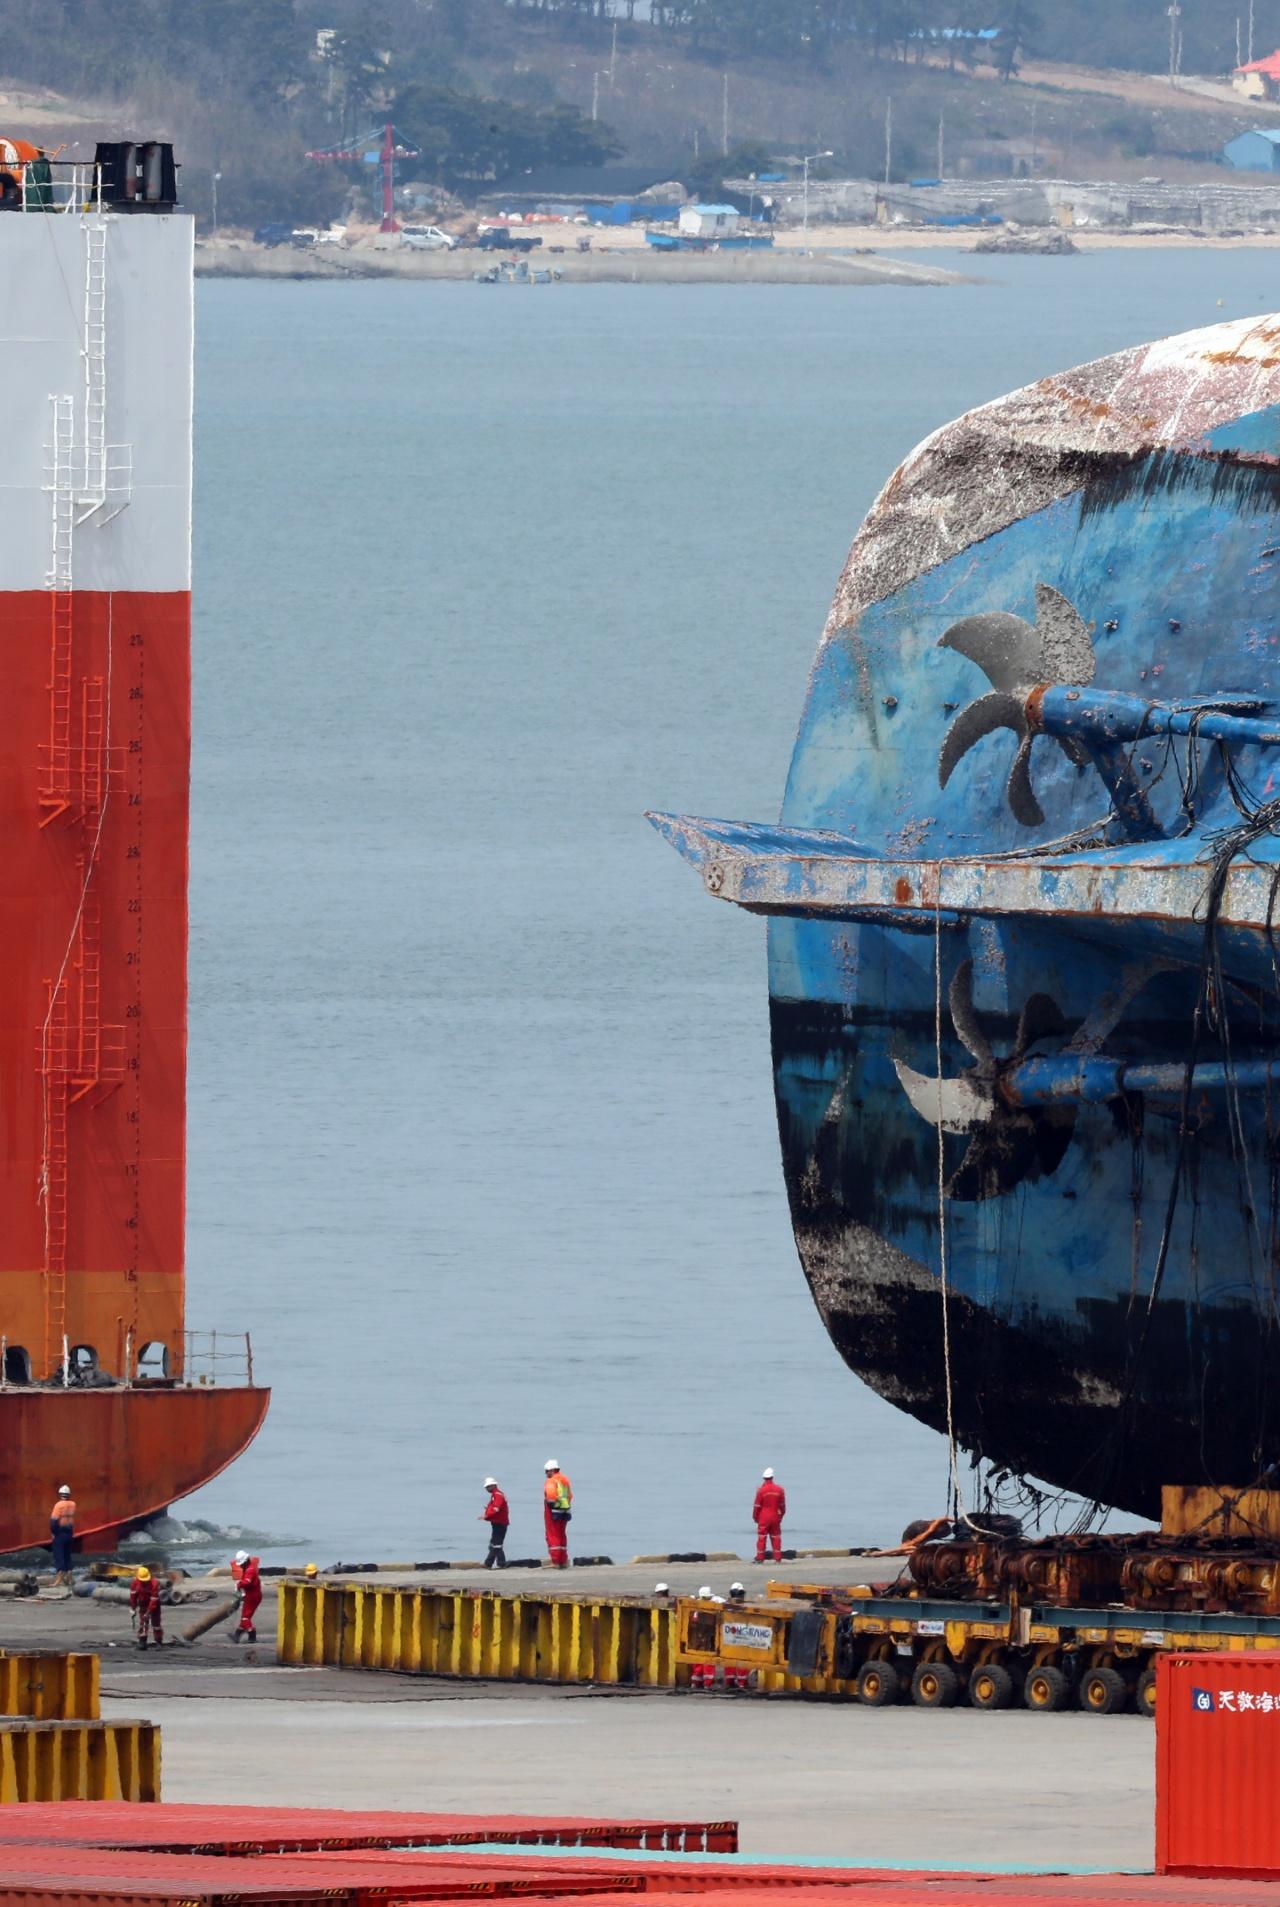 运输世越号的驳船驶离码头